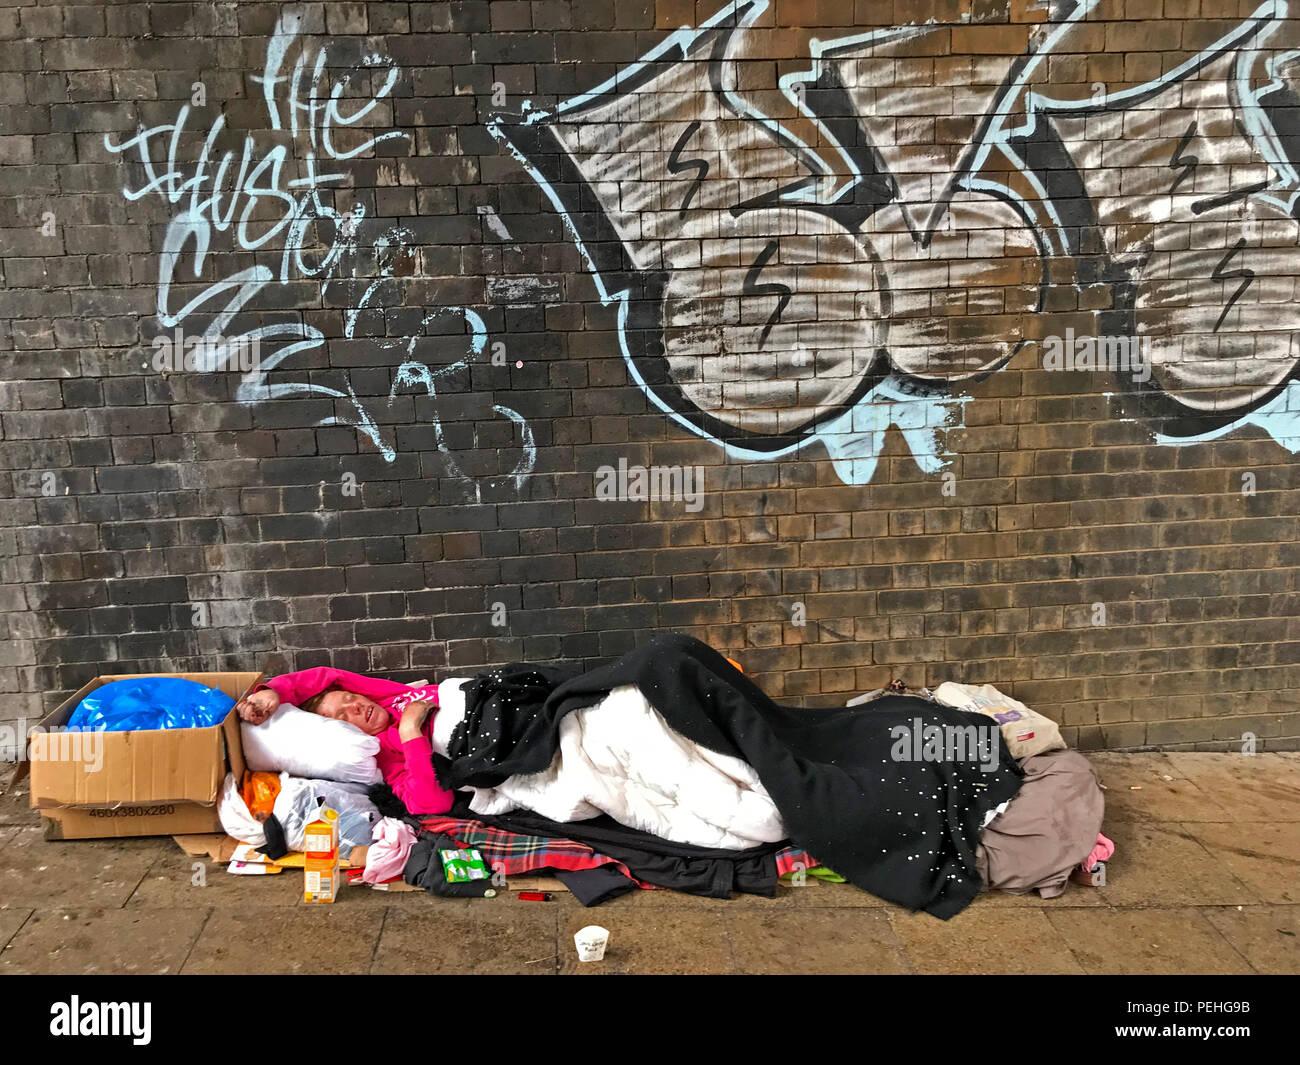 Laden Sie dieses Alamy Stockfoto Obdachlosigkeit Obdachlosen, unter einem Bahnhof Arch, Manchester, North West England, Großbritannien - PEHG9B